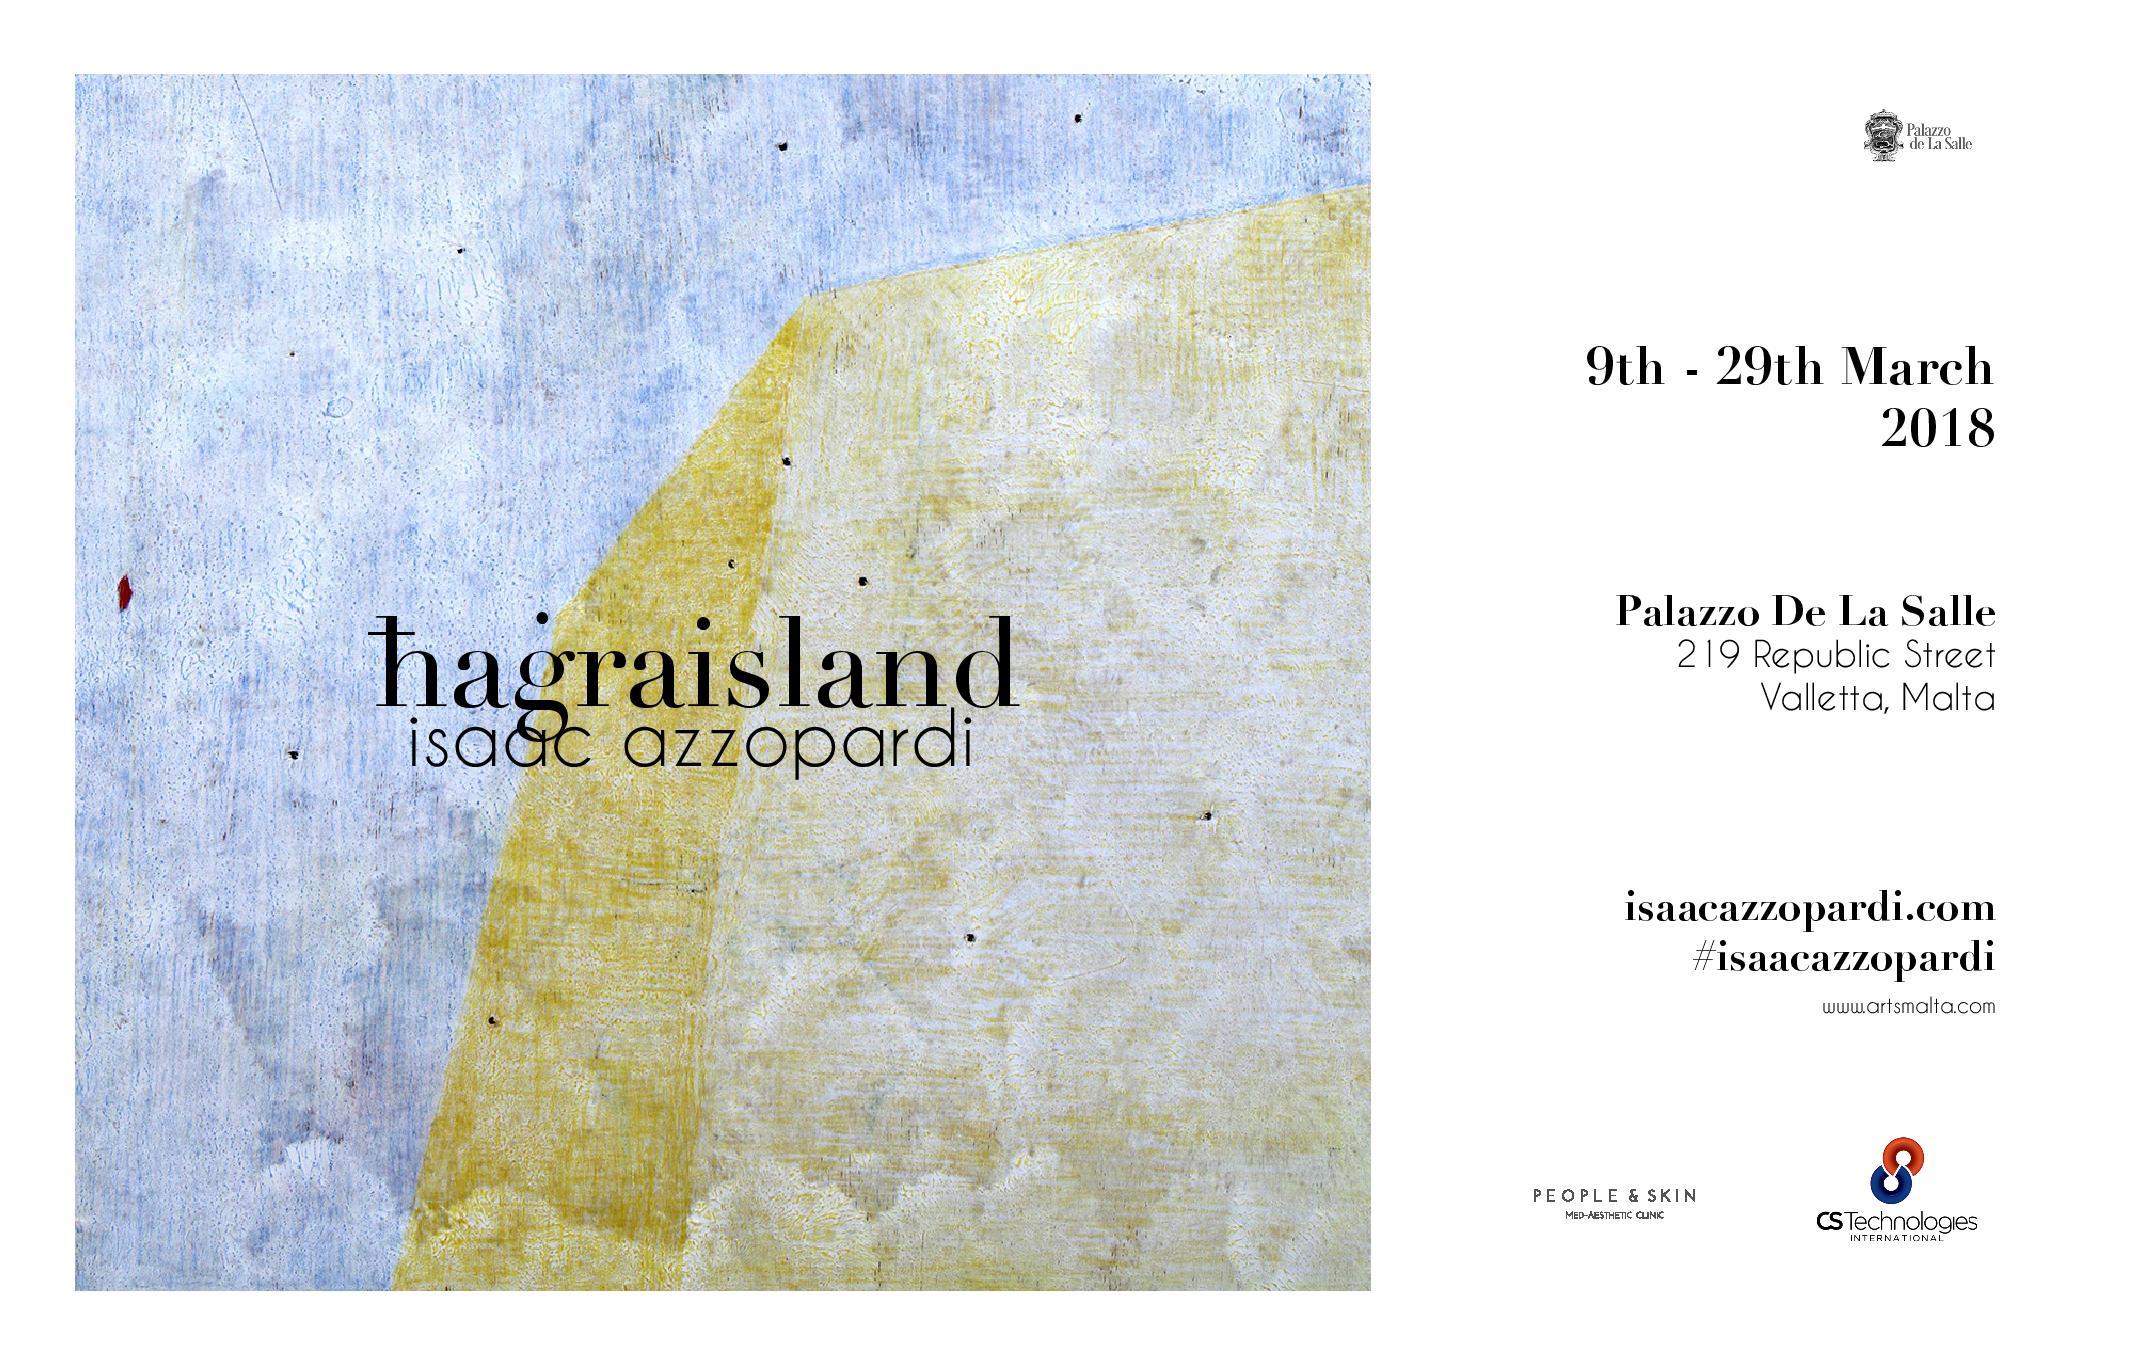 hagraisland pr compact-page jpg